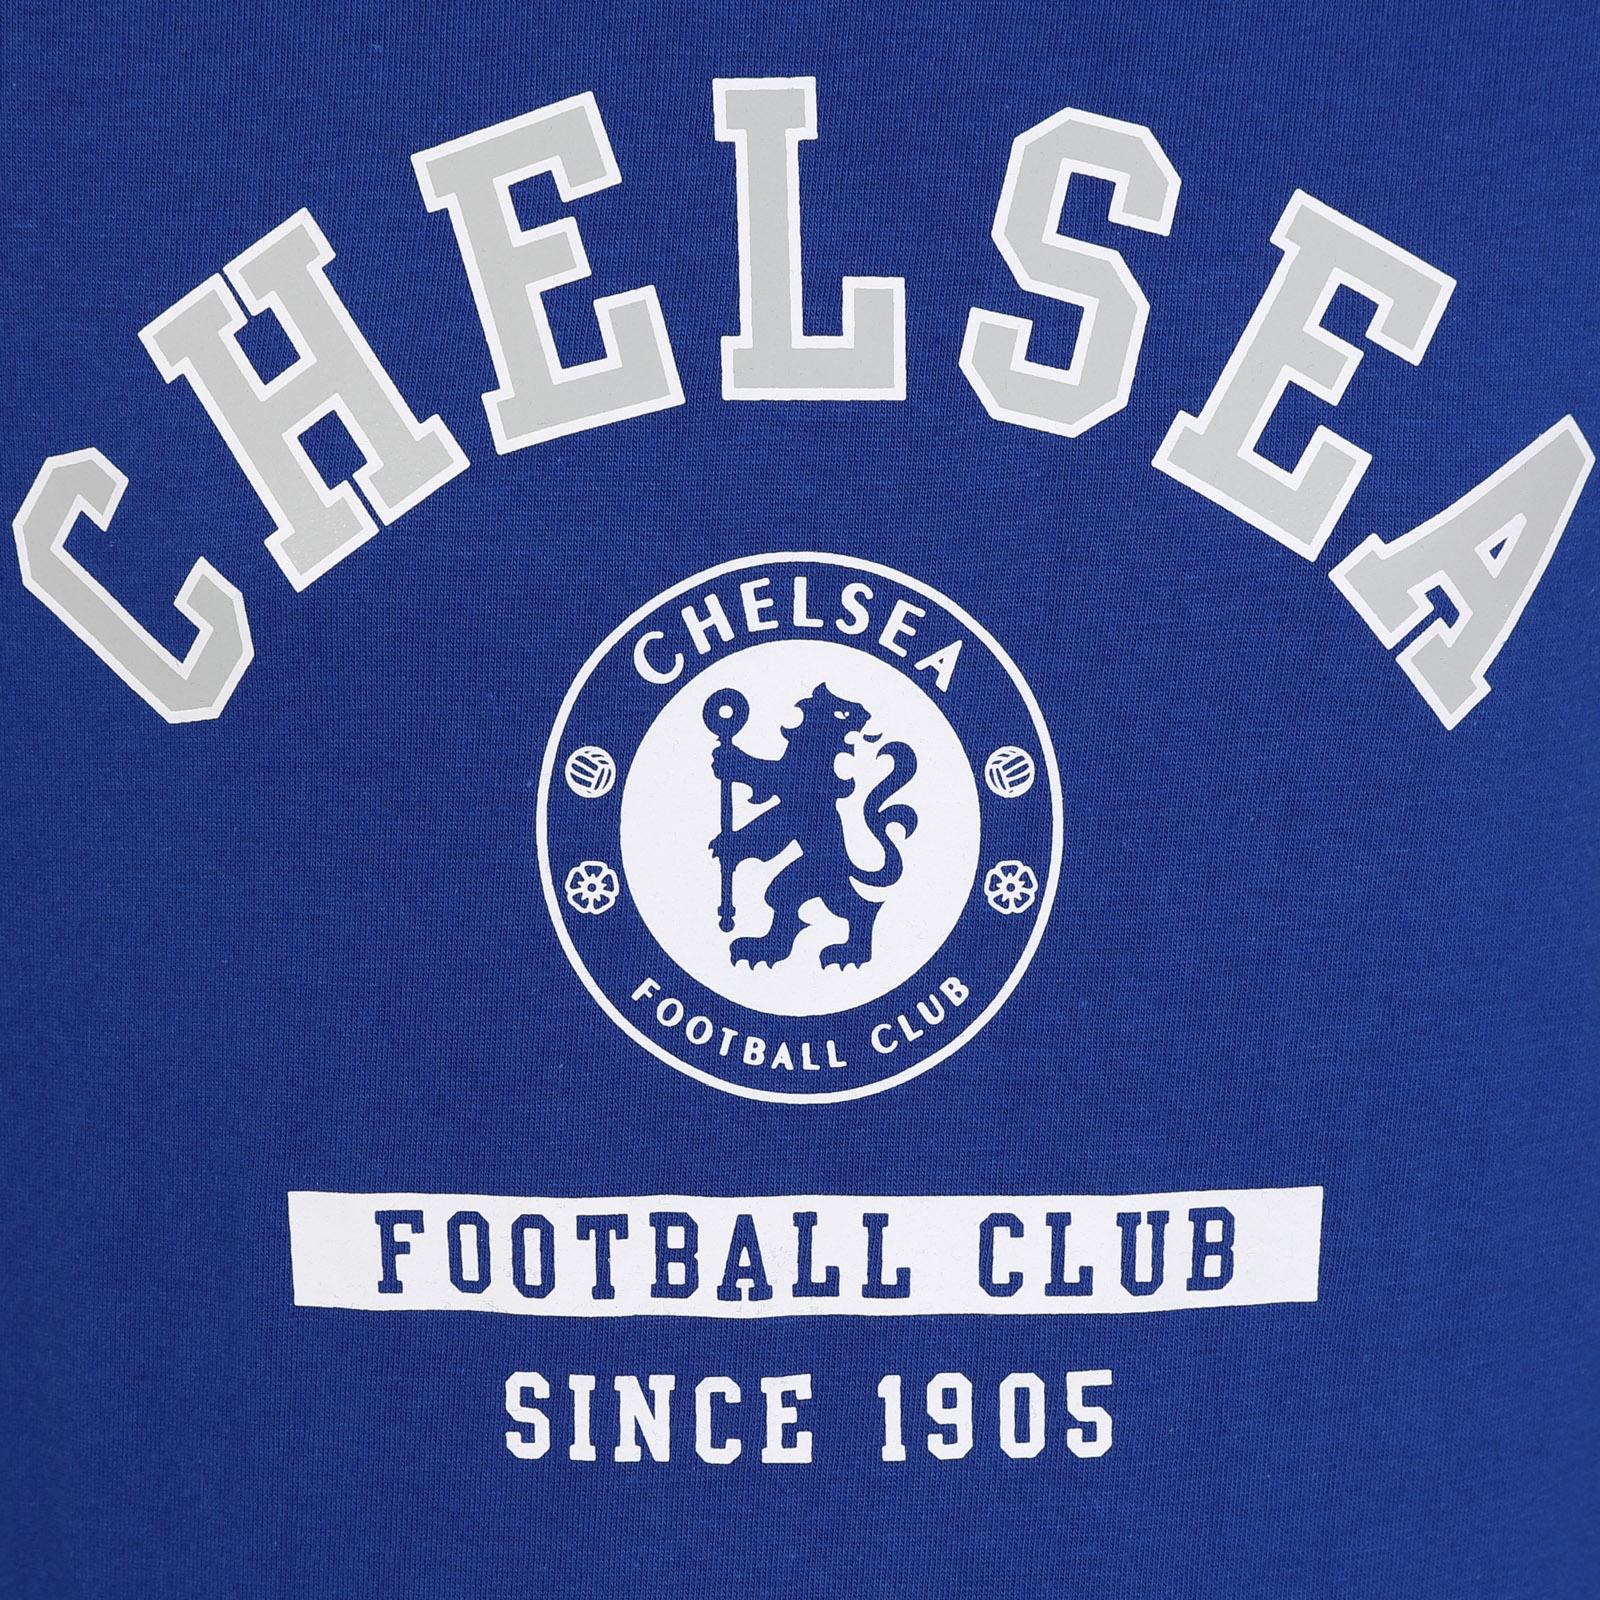 05cc869e72a96 Chelsea FC - Camiseta oficial con mangas raglán y el escudo del club ...